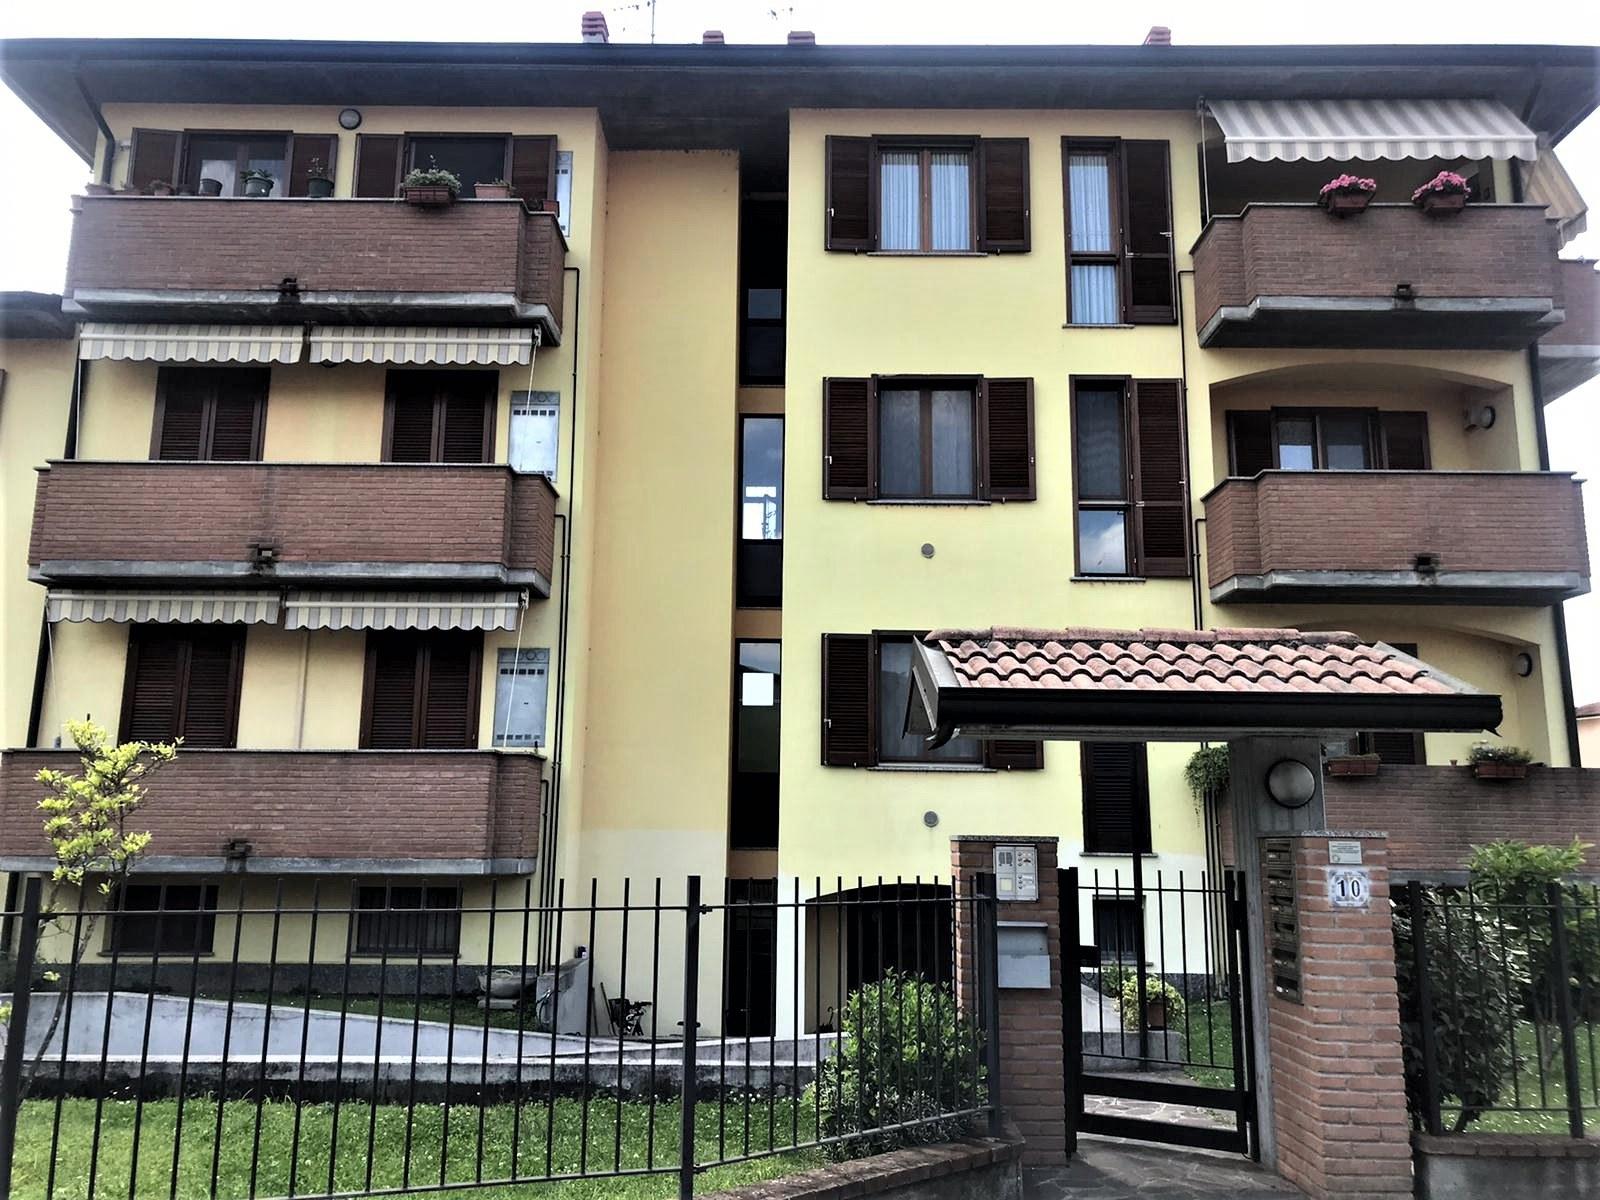 appartamento-in-vendita-3-locali-san-senone-al-lambro-trilocale-spaziourbano-immobiliare-vende-3